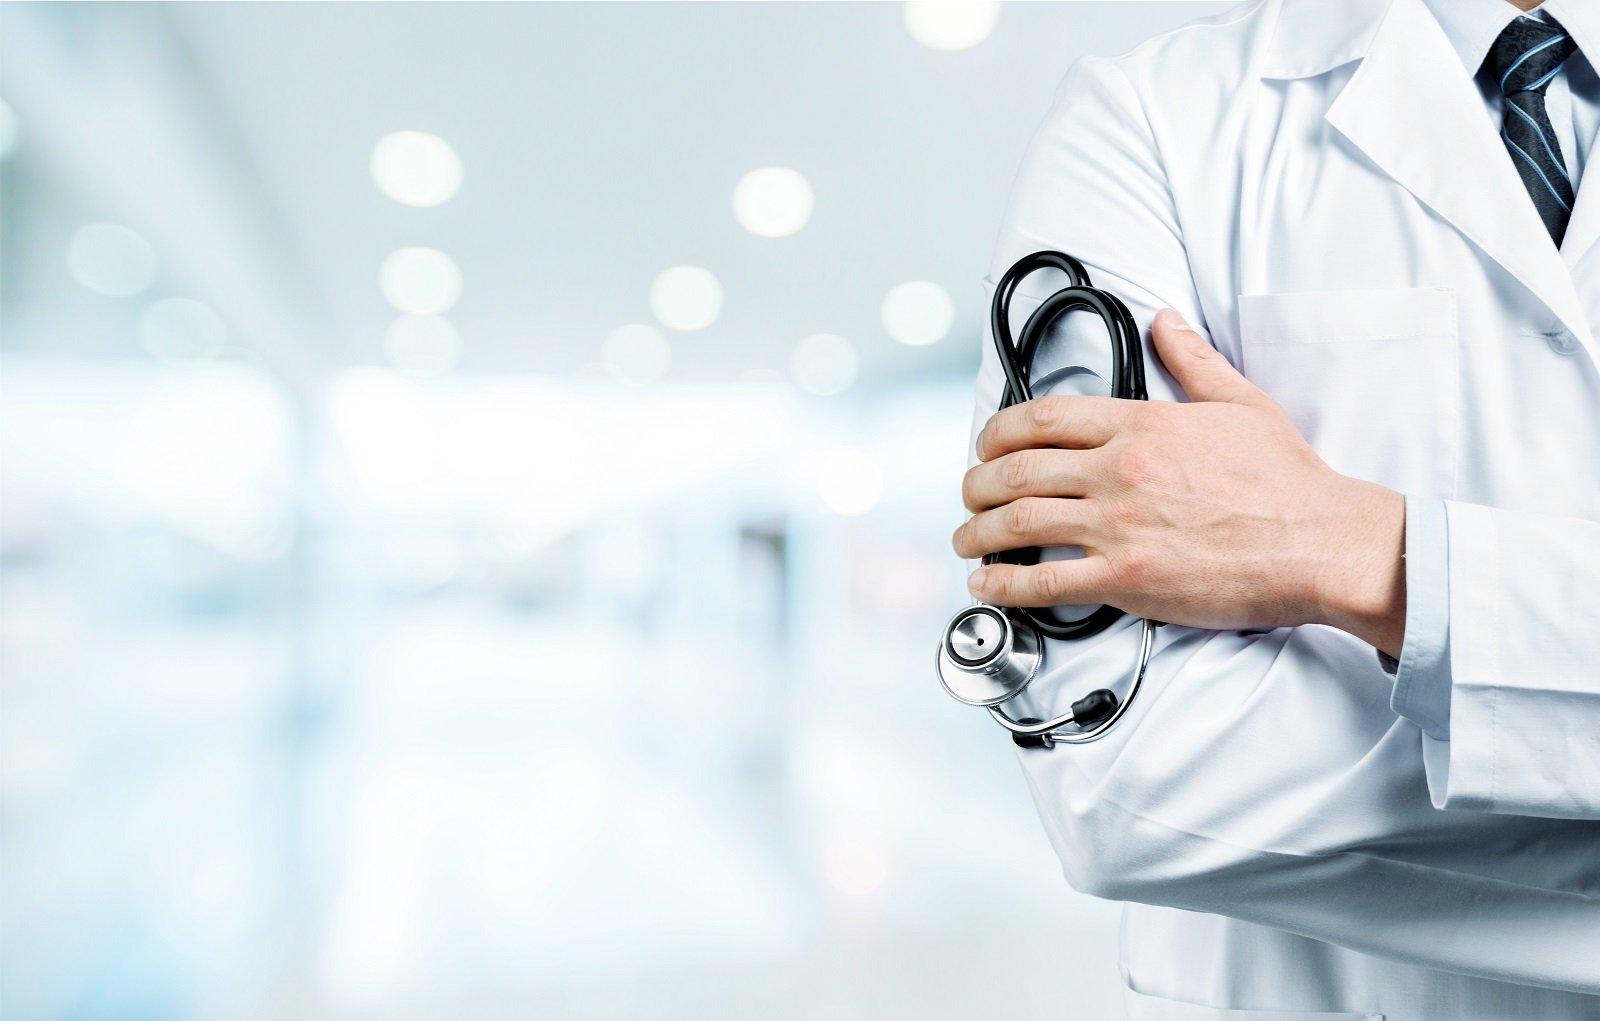 un dottore con un camice bianco e una mano con uno stetoscopio